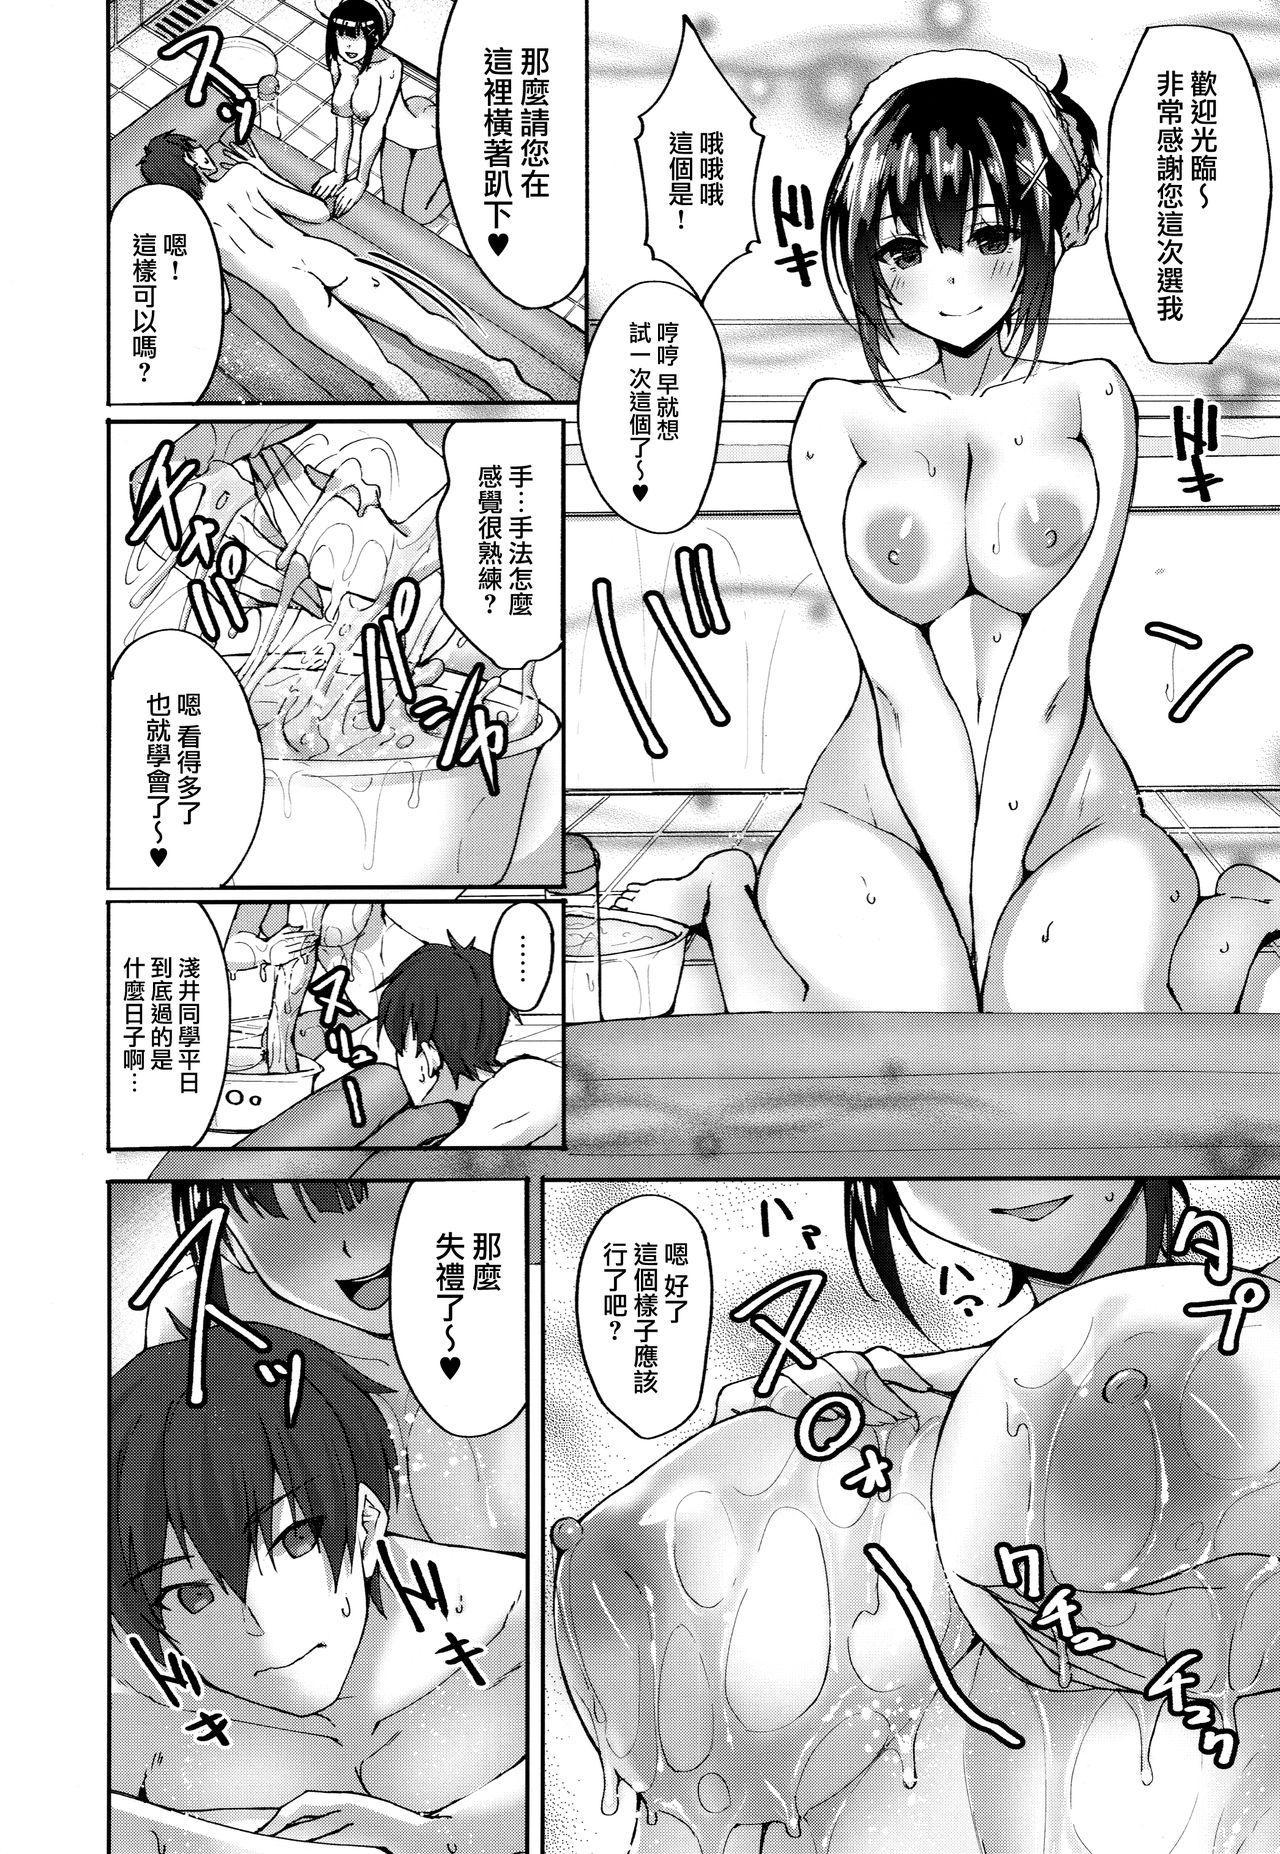 Chishojo Fuuki Iin no Minna ni Ienai Inbi na Onegai 2 5